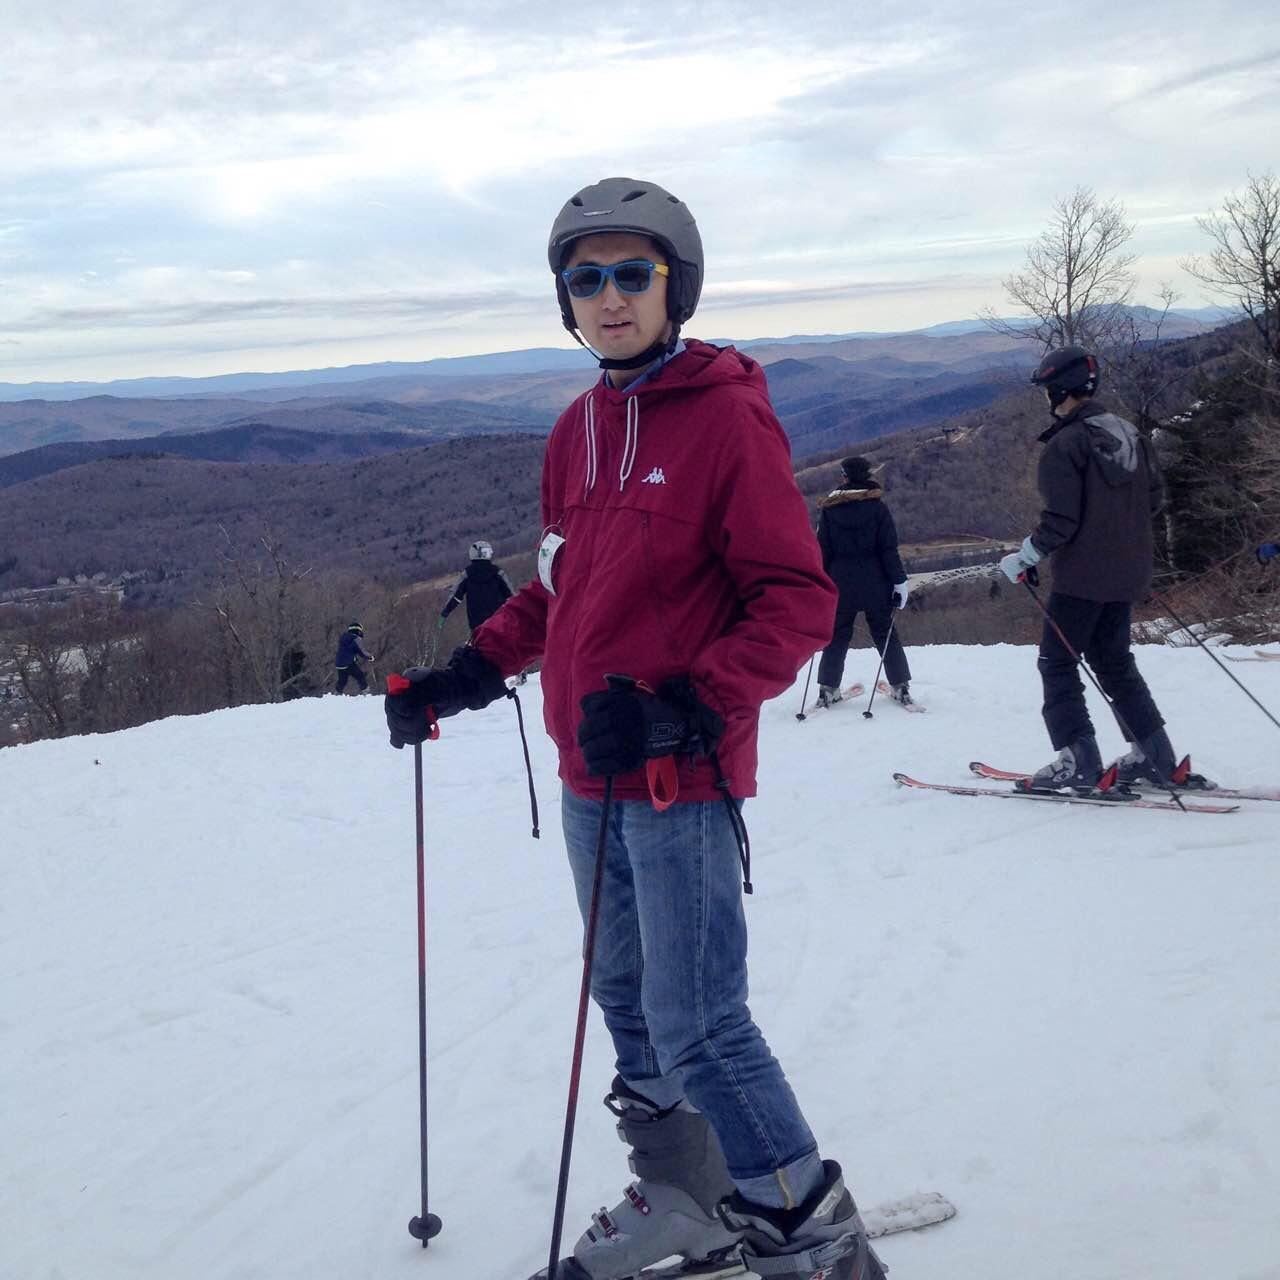 Ski at vermont